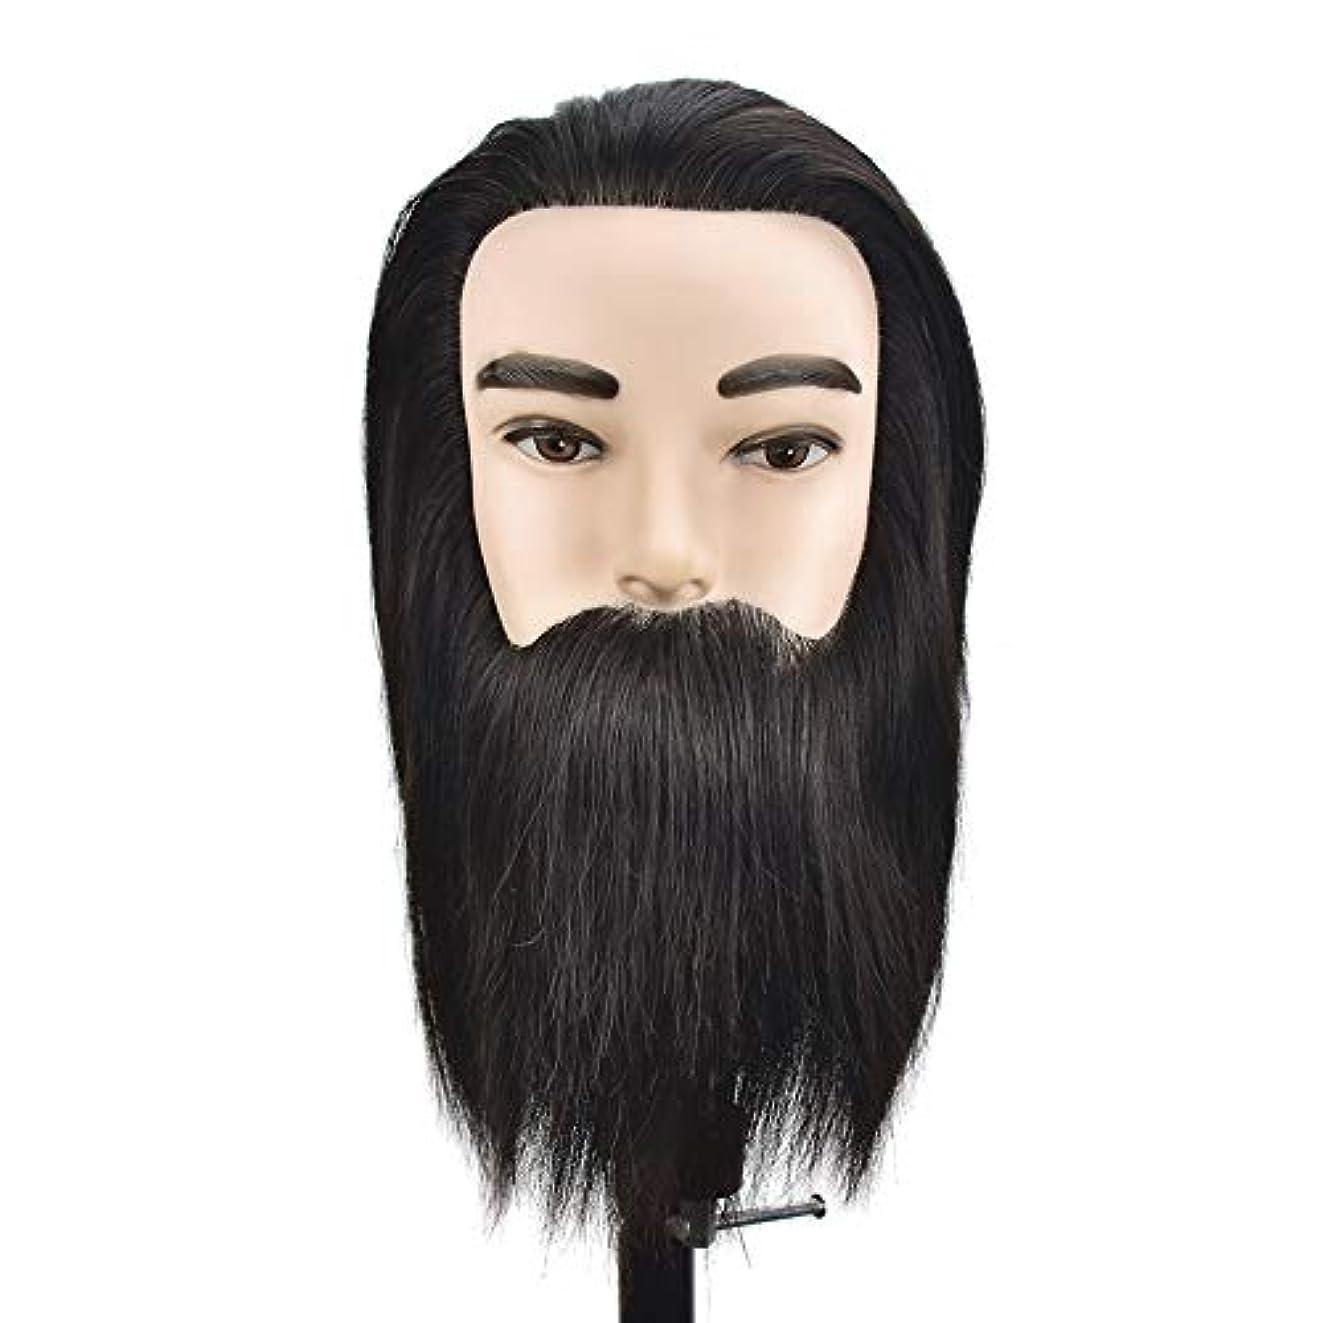 コンピューターアクティブ砂リアル人間の髪トレーニングヘッドパーマ髪モデル髪染め理髪ダミーヘッドトリミングひげ学習ヘッドモデル